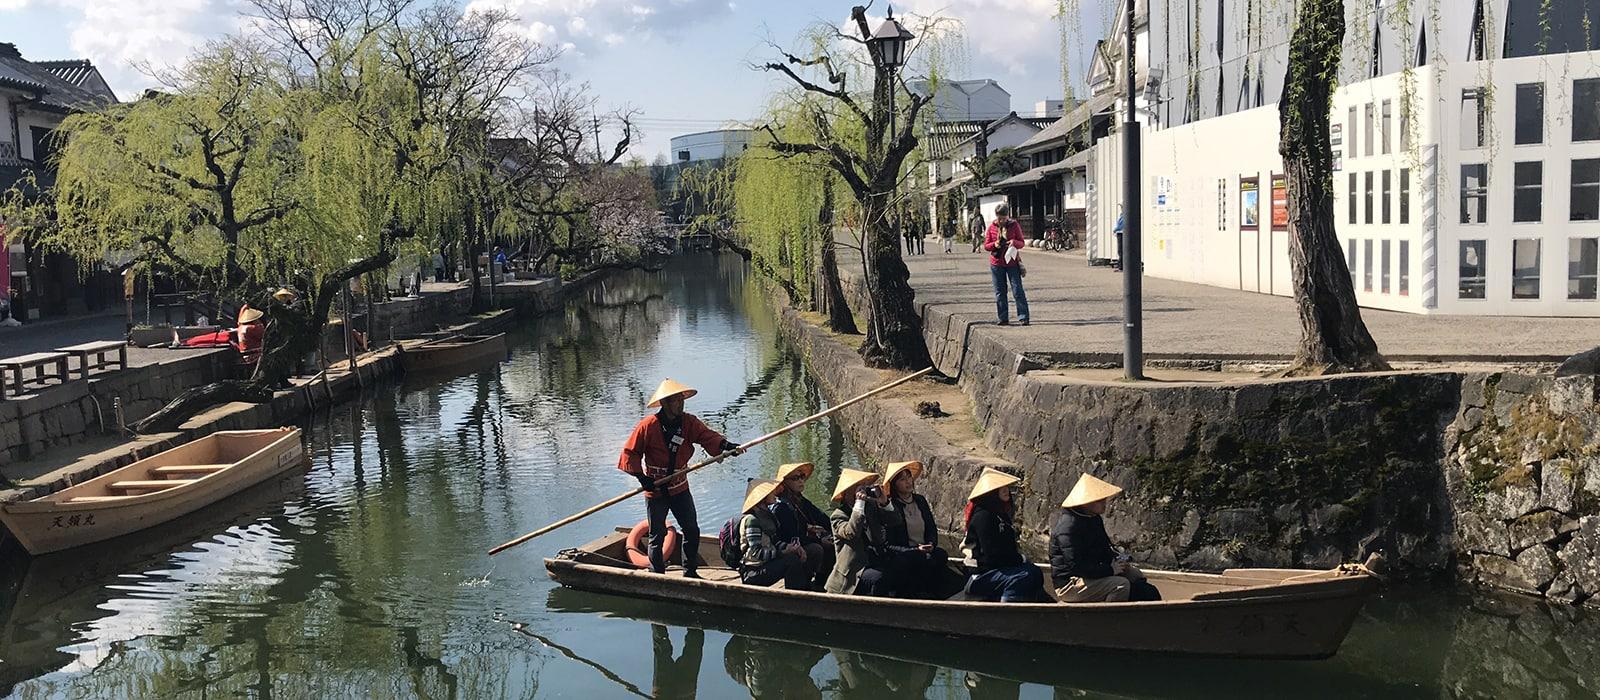 Voyage organisé en petit groupe - Kurashiki - Japon - Agence de voyage Les Routes du Monde